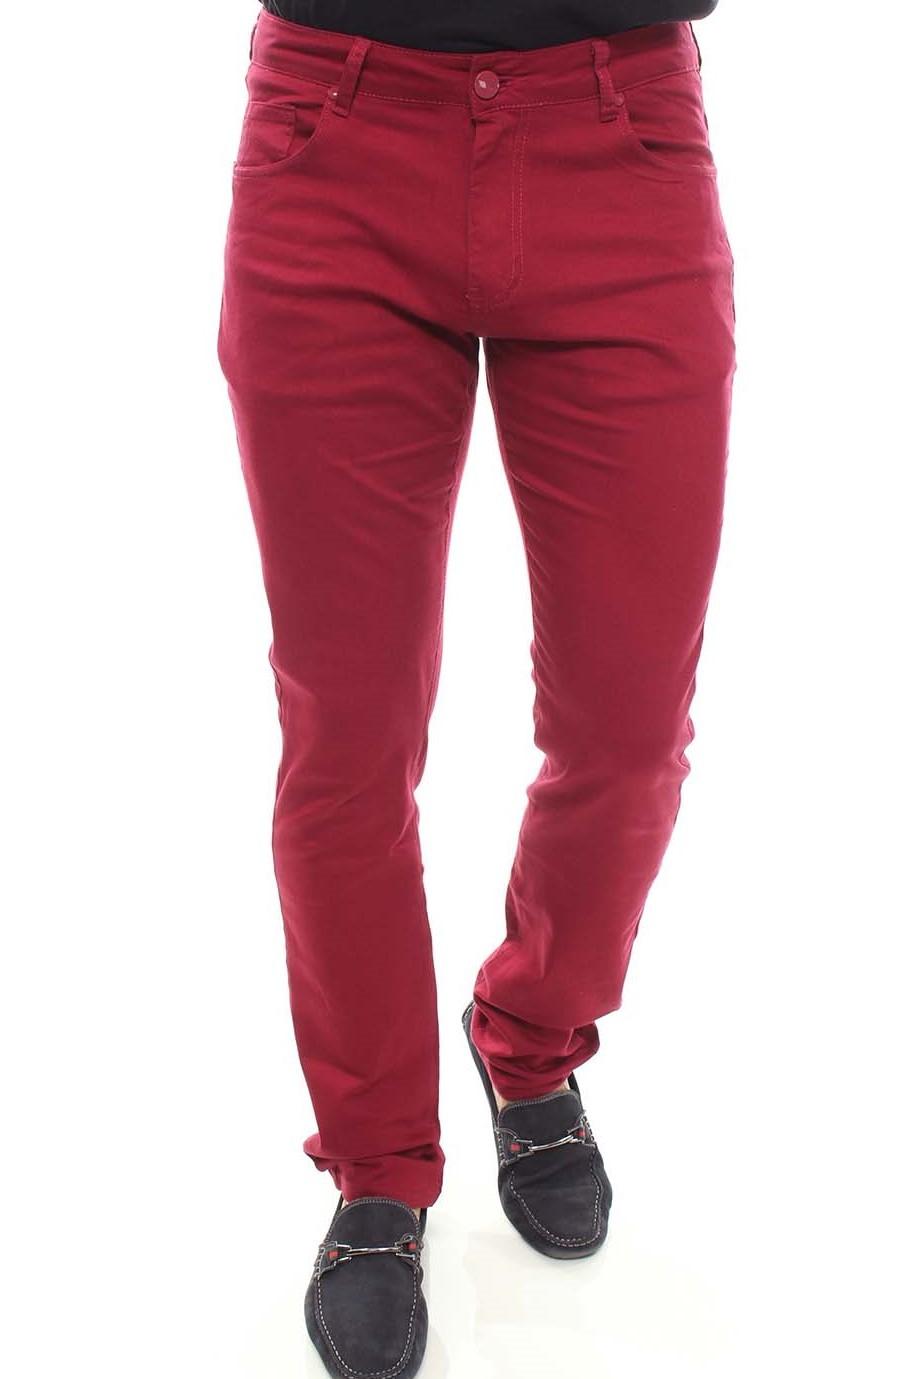 Calça Jeans Masculina Skinny Color - 45865  - CROCKER JEANS